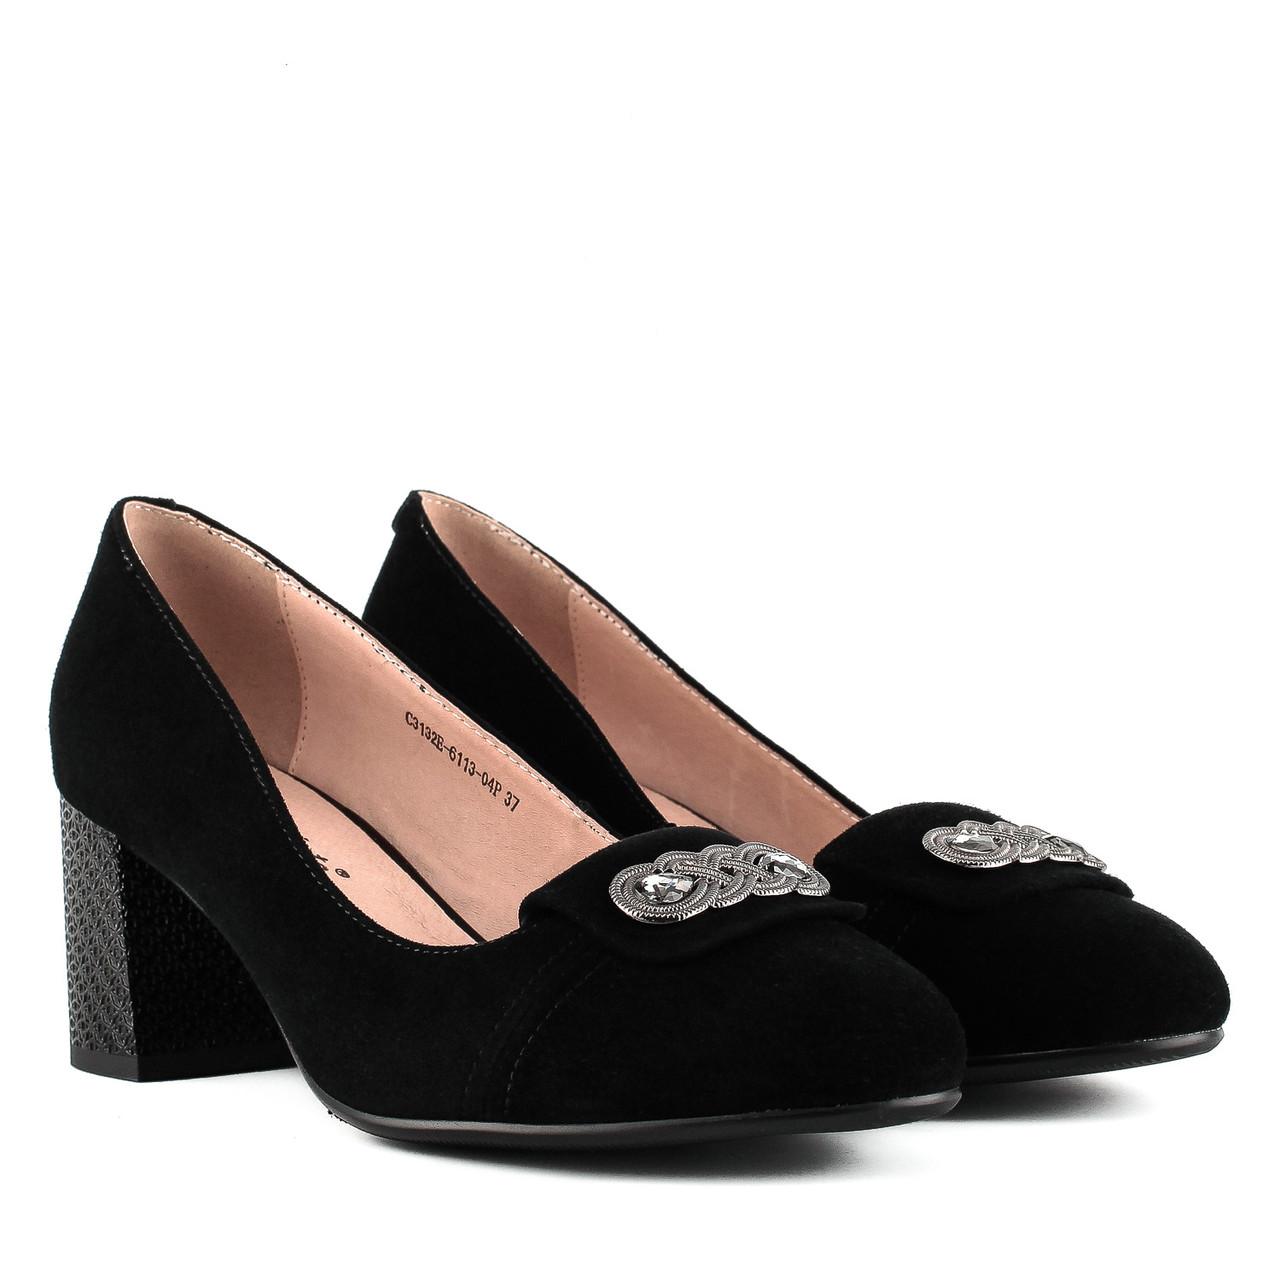 38dbbf5af Купить Туфли женские BELLAVISTA (замшевые, на каблуке, натуральные ...